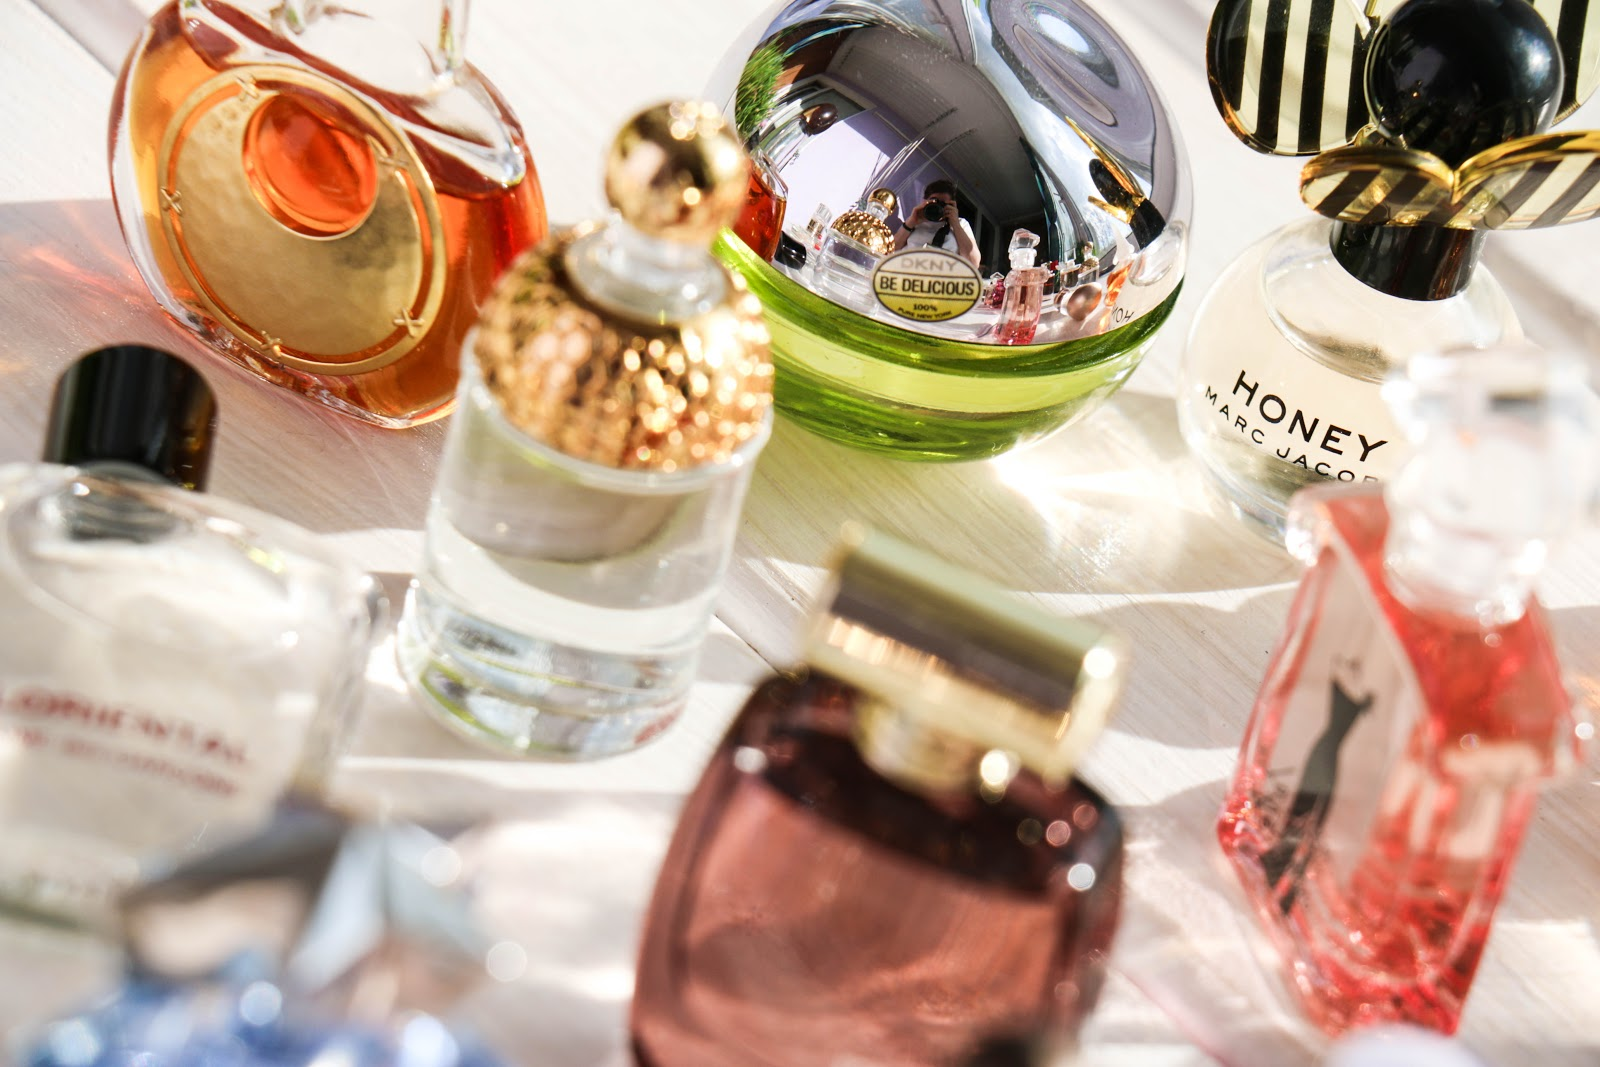 опровергли планы виды парфюма фото соответствии стандартом